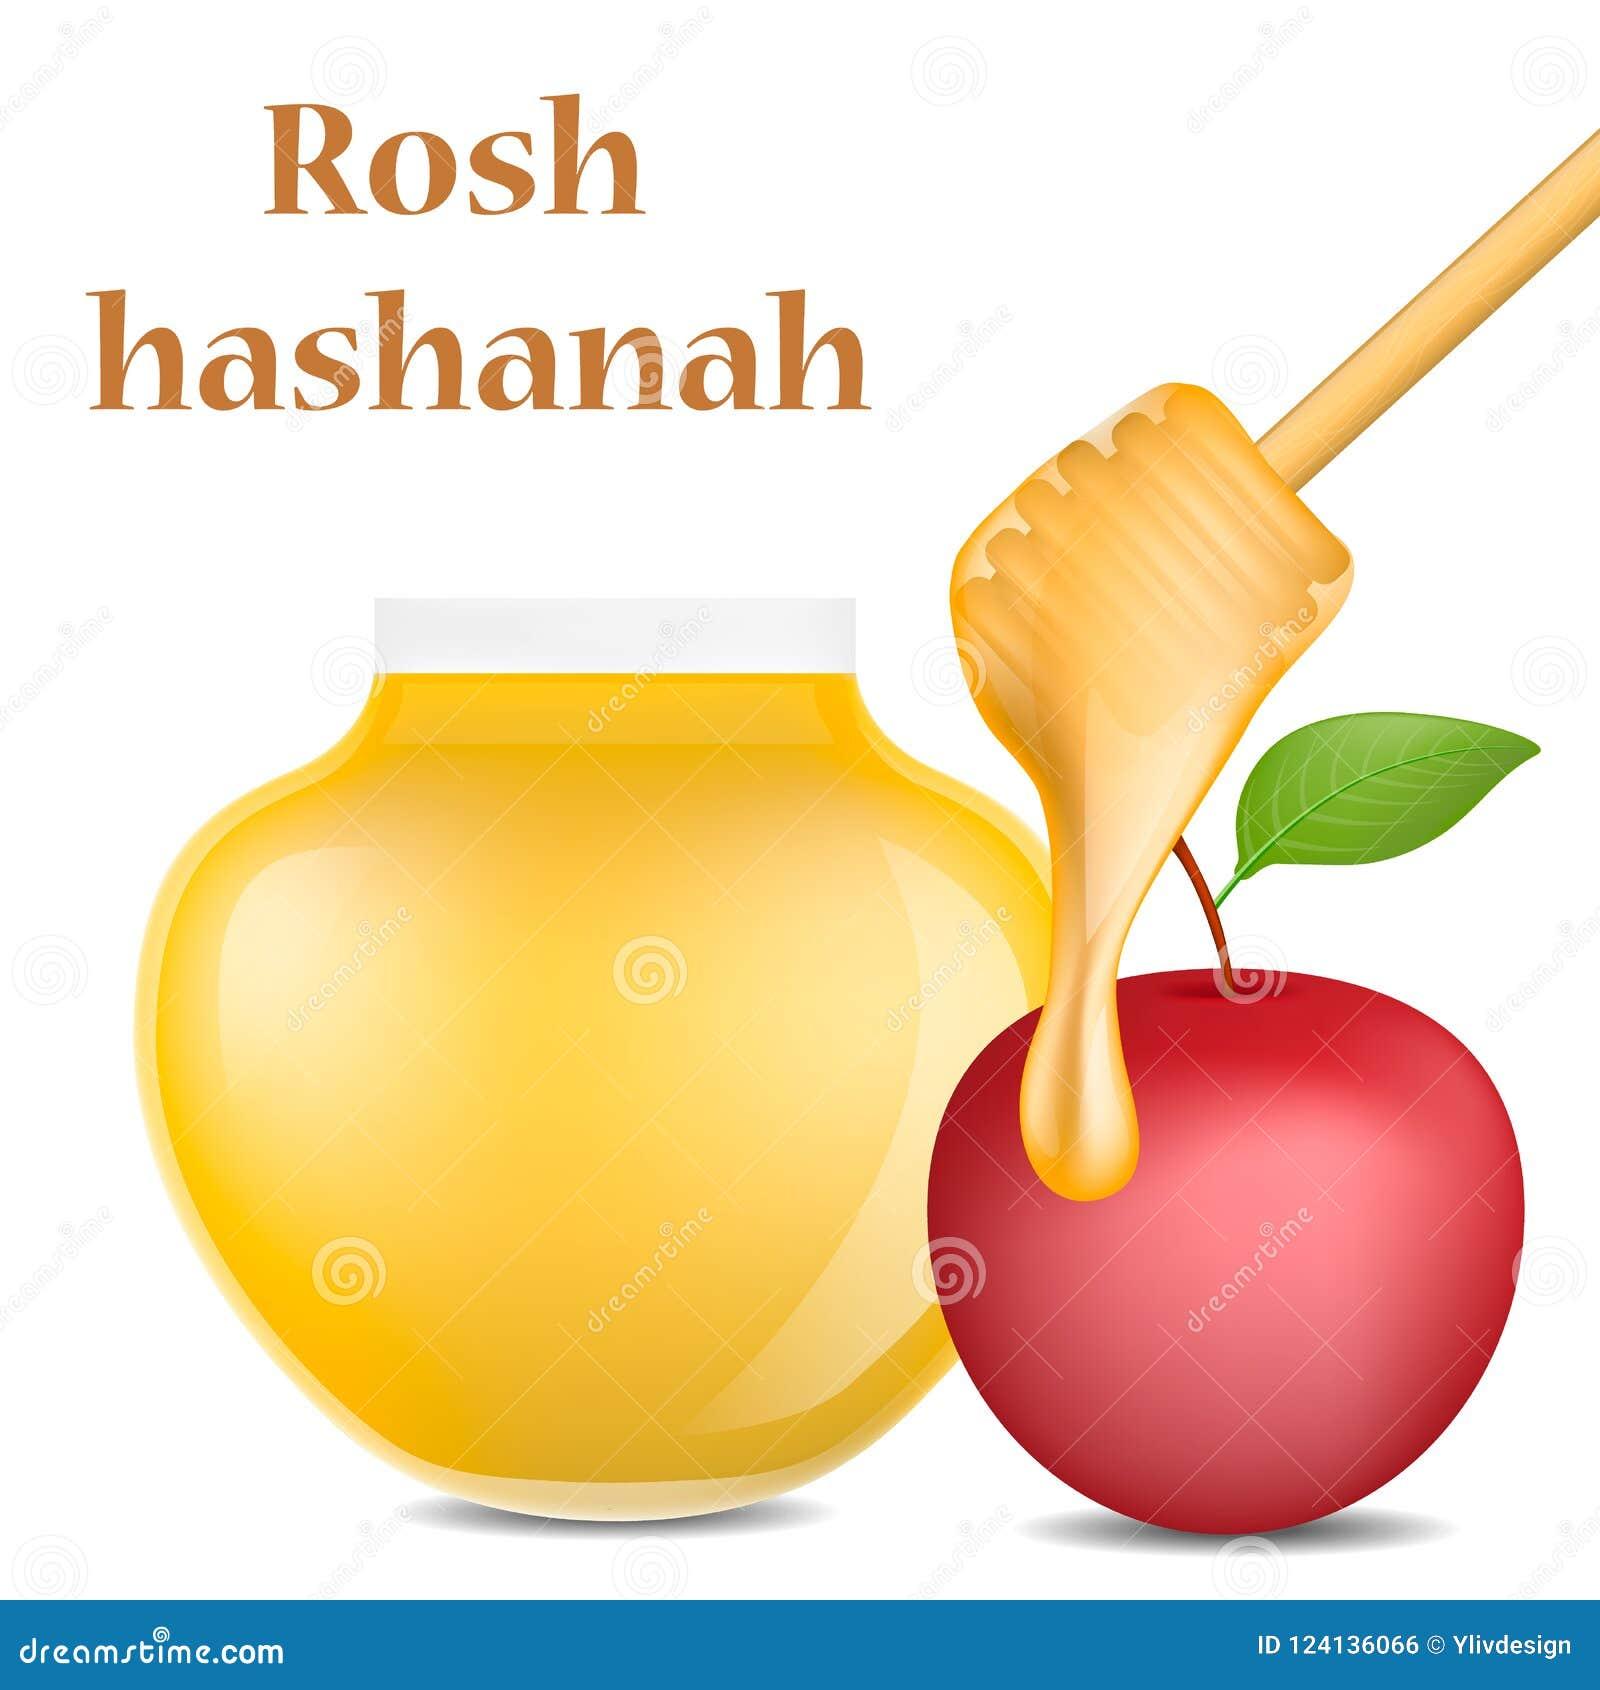 Fundo judaico do conceito da religião do hashanah de Rosh, estilo realístico